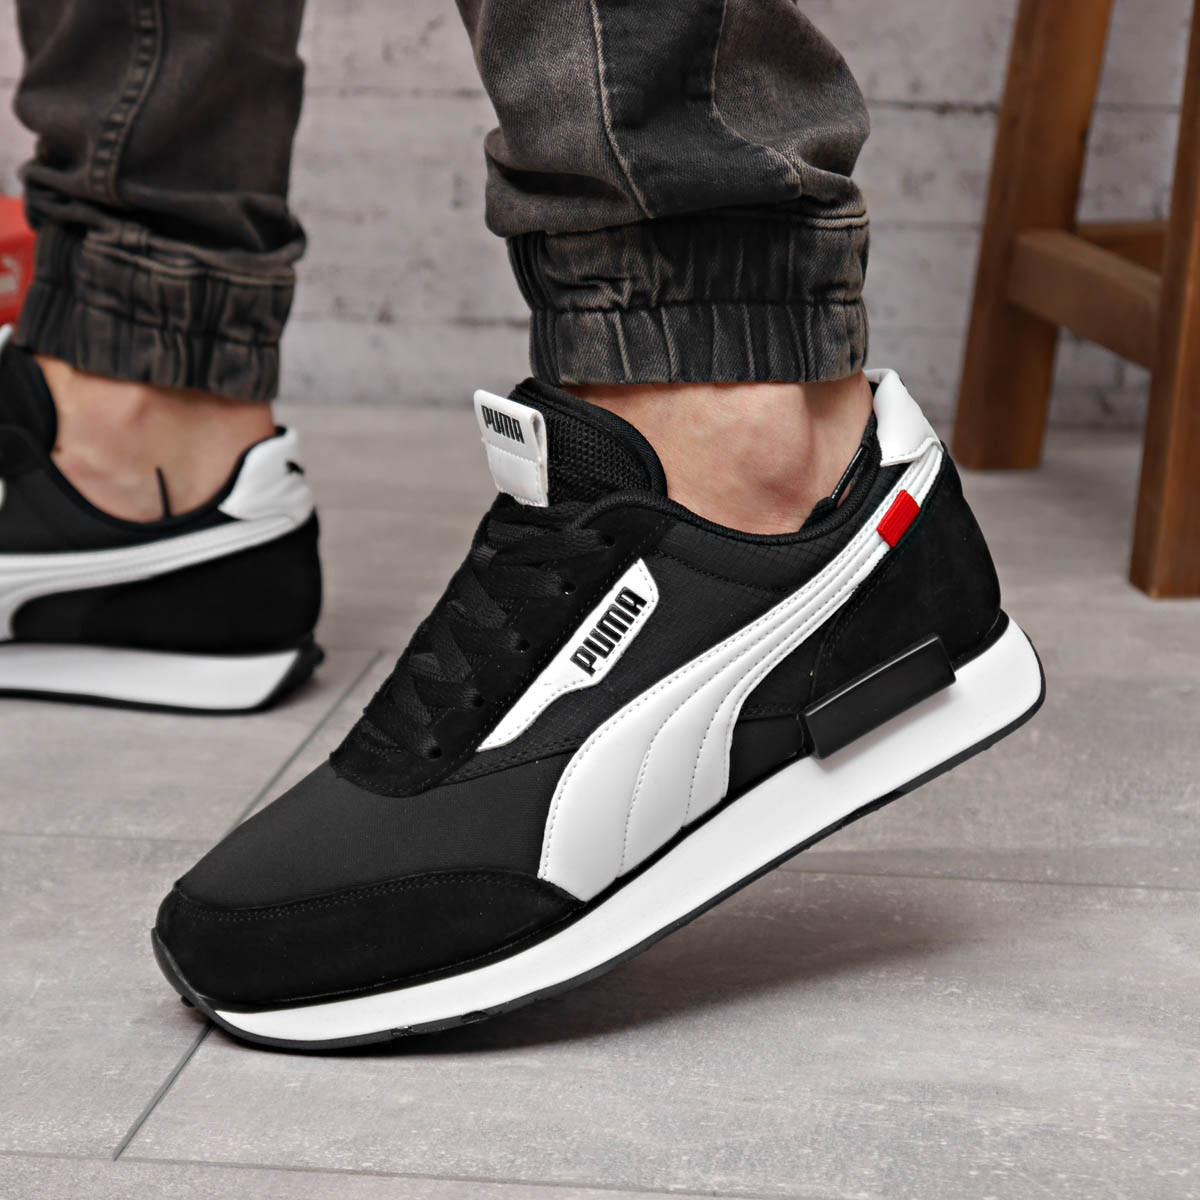 Кросівки чоловічі 18331, Puma Future Rider (якість TOP AAA), чорні, [ 41 42 43 44 45 46 ] р. 41-26,0 див. 44